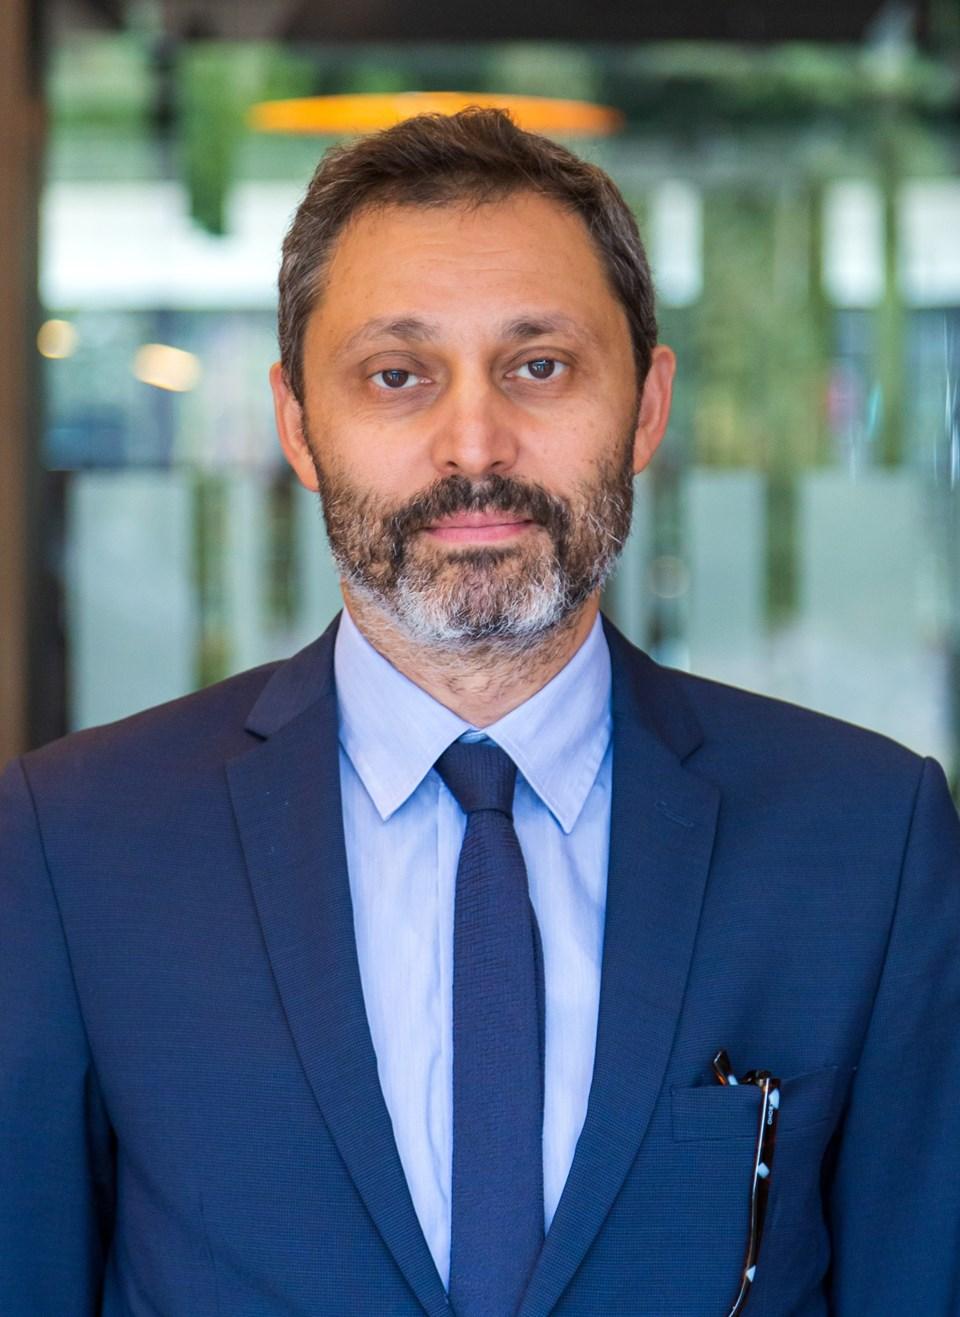 Re-Pie Portföy Yönetim Kurulu Başkanı Dr. M. Emre Çamlıbel